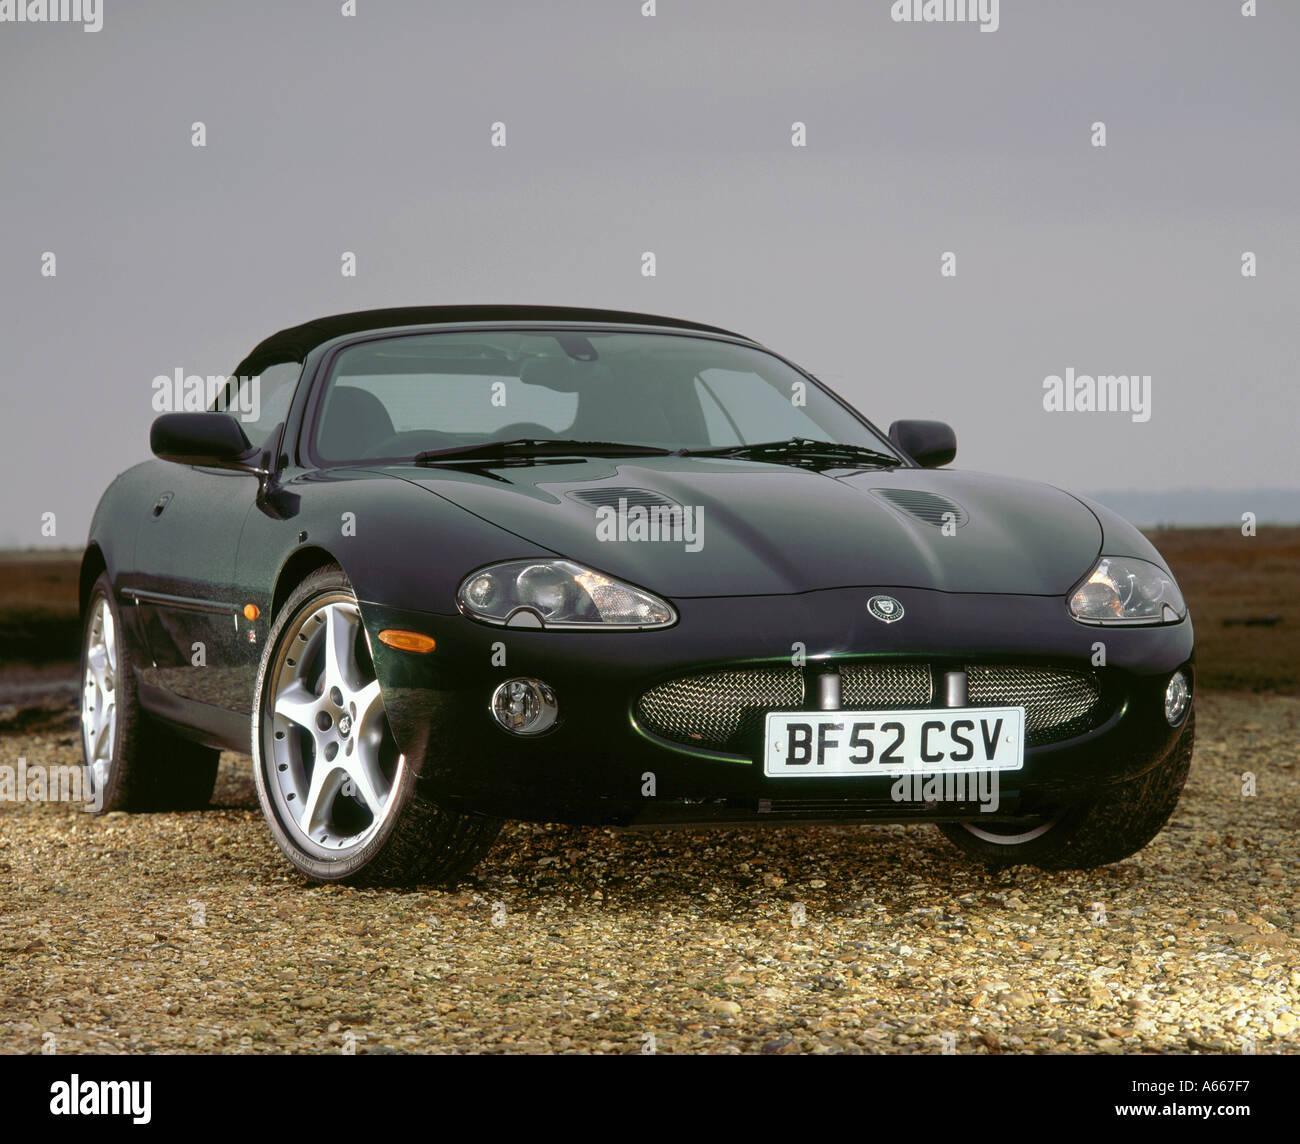 Jaguar Xk Convertible: Jaguar Xkr Convertible Stock Photos & Jaguar Xkr